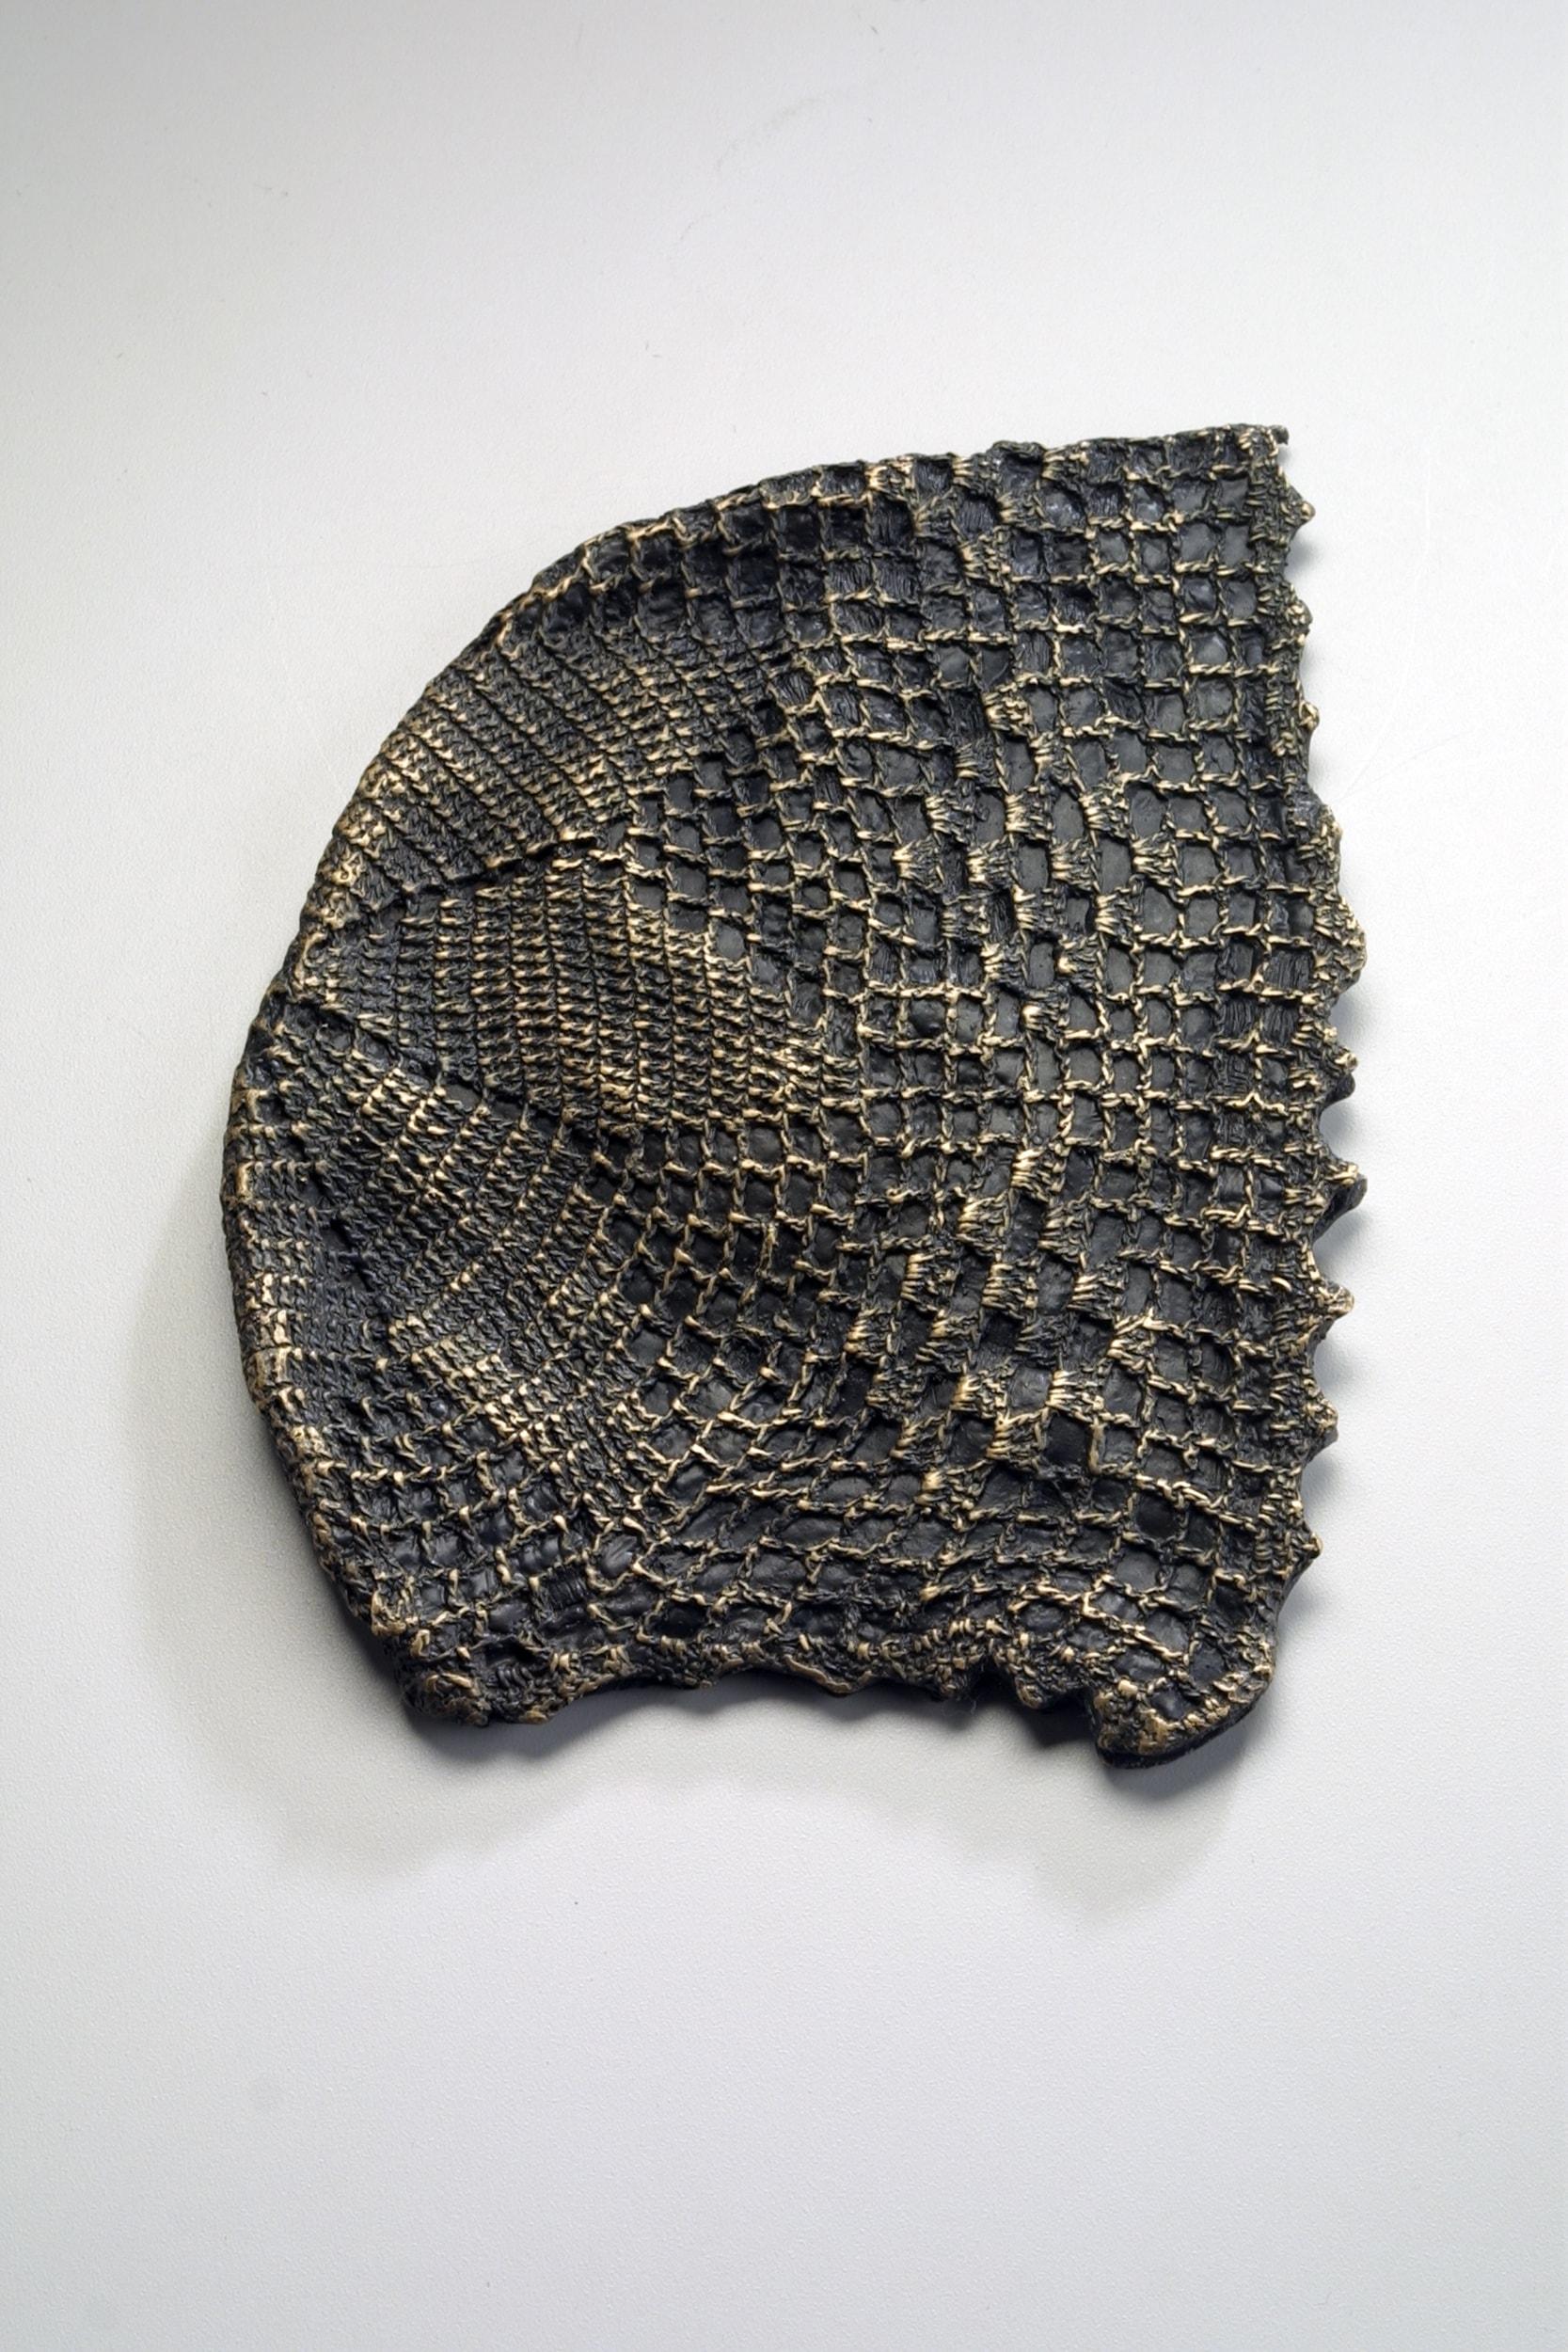 First Generation Artifact: Christening Bonnet